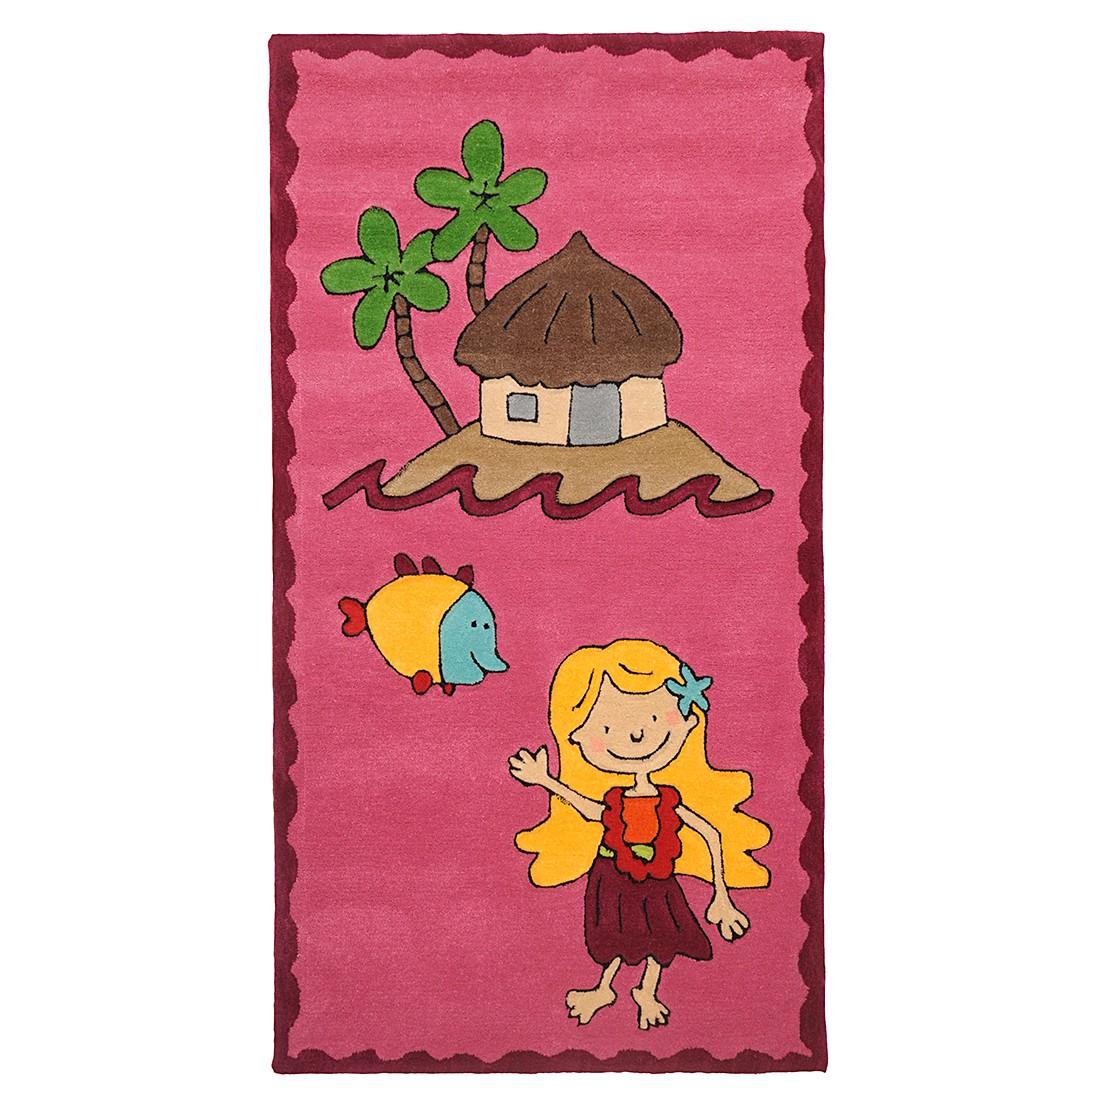 Kinderteppich Maui – Pink – 120 cm x 180 cm, THEKO die markenteppiche günstig kaufen